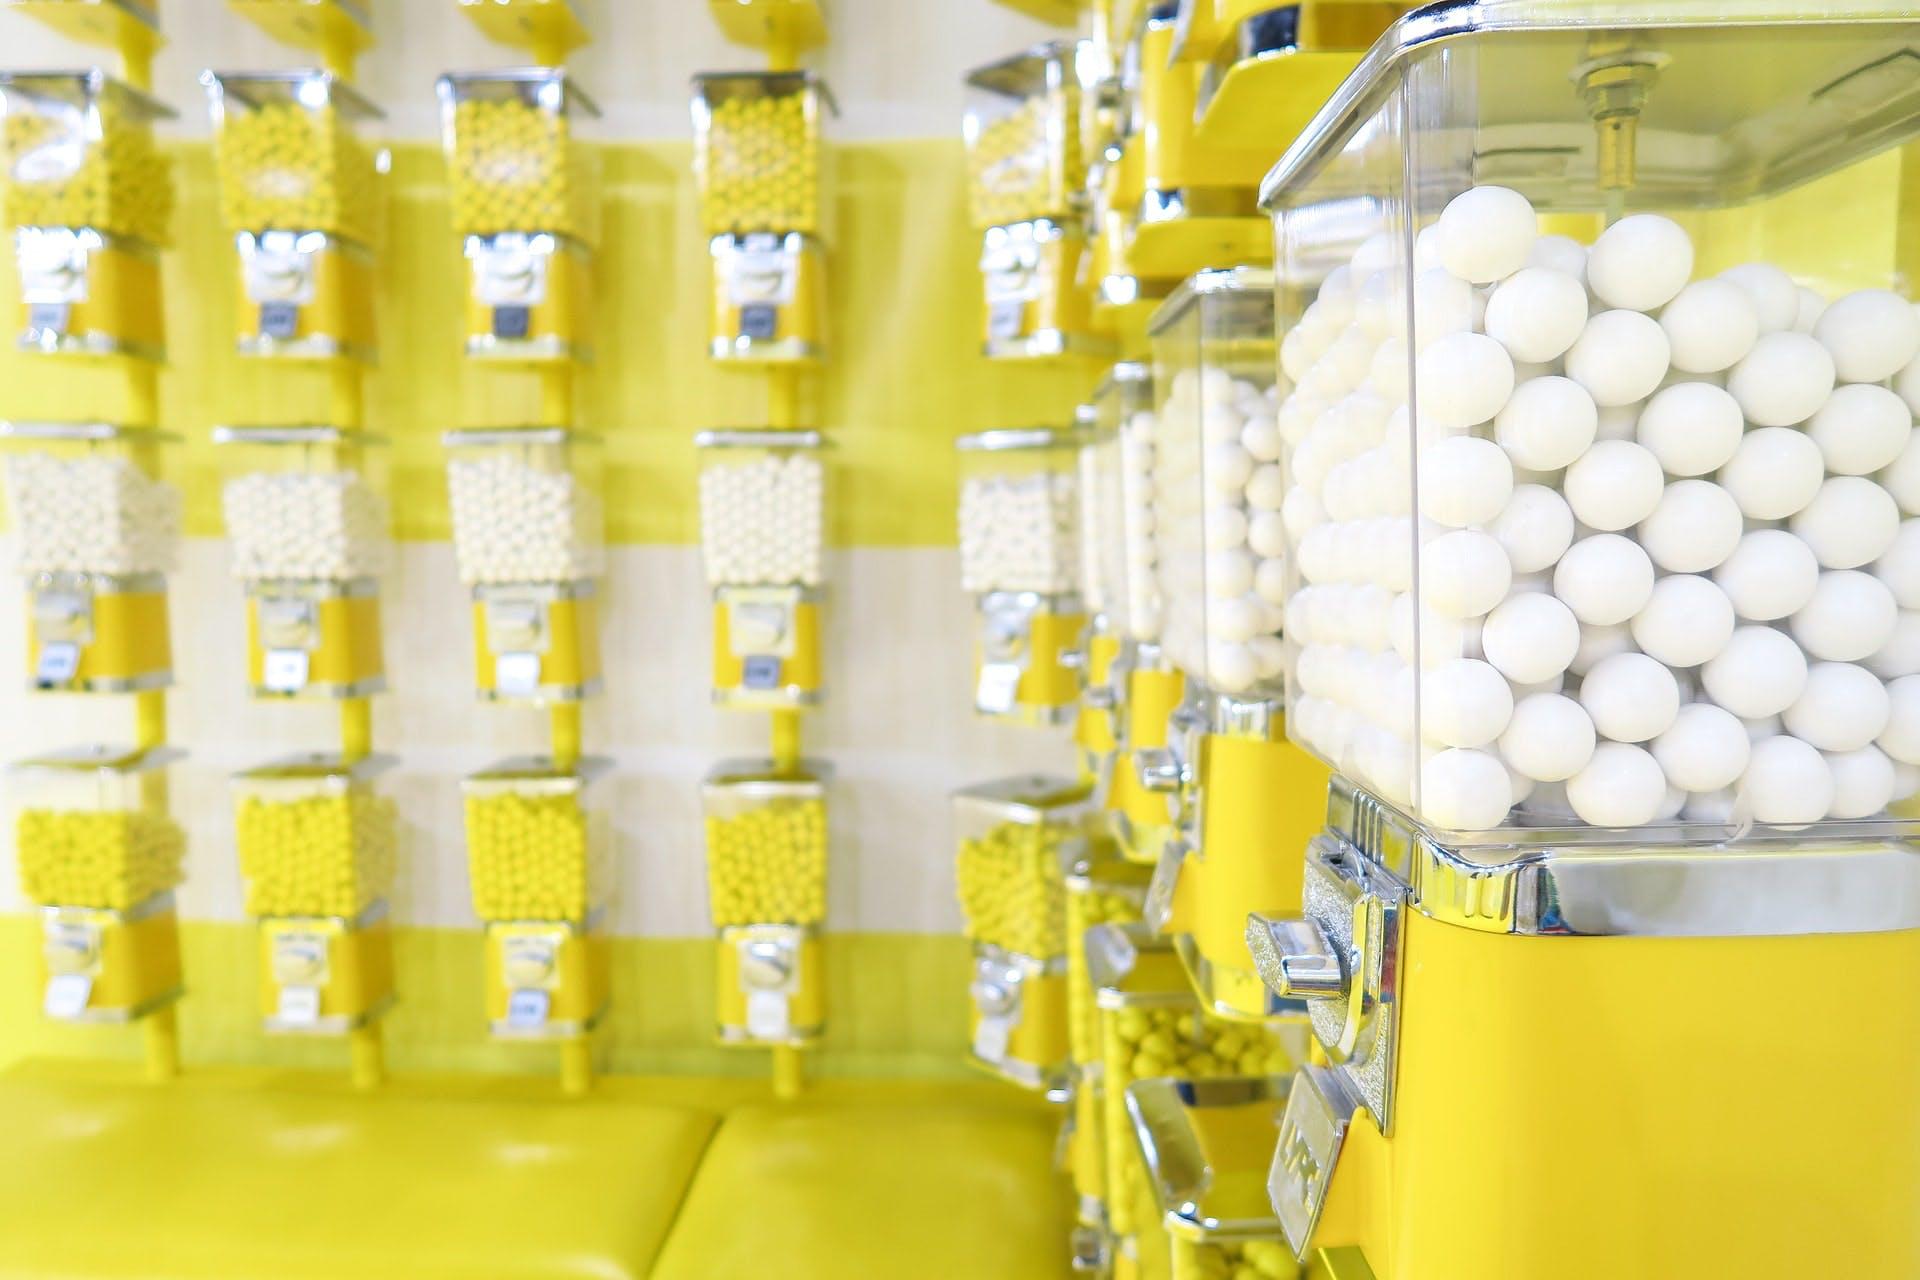 mints in a vending machine